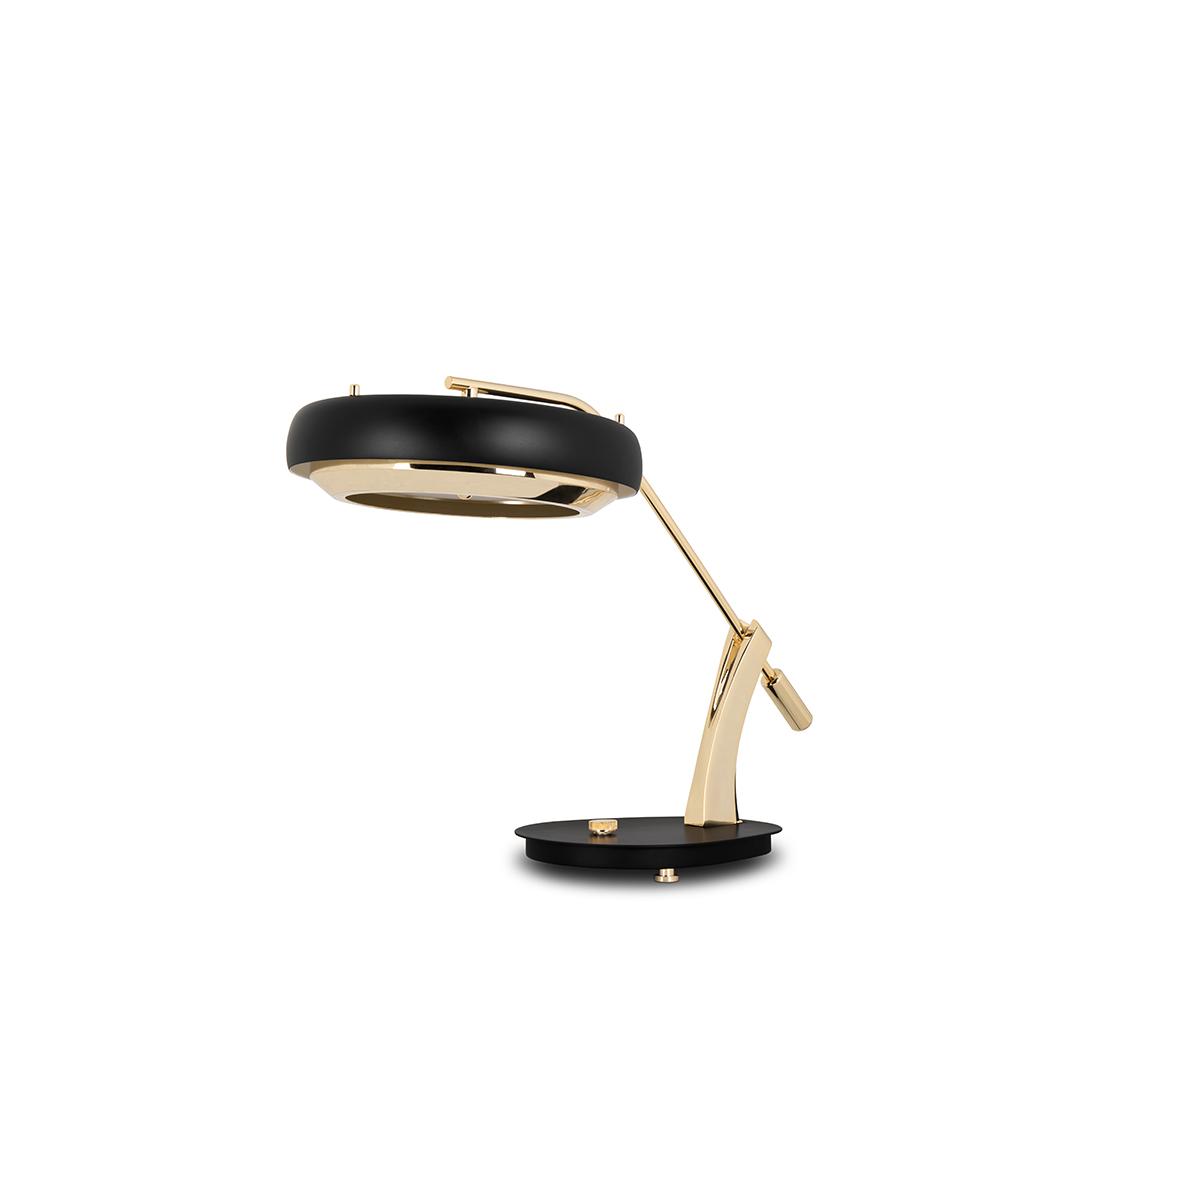 Lámparas de mesa: Ideias poderosas para un proyecto lujuoso lámparas de mesa Lámparas de mesa: Ideias poderosas para un proyecto lujuoso DELIGHTFULL CARTER DESK TABLE LAMP